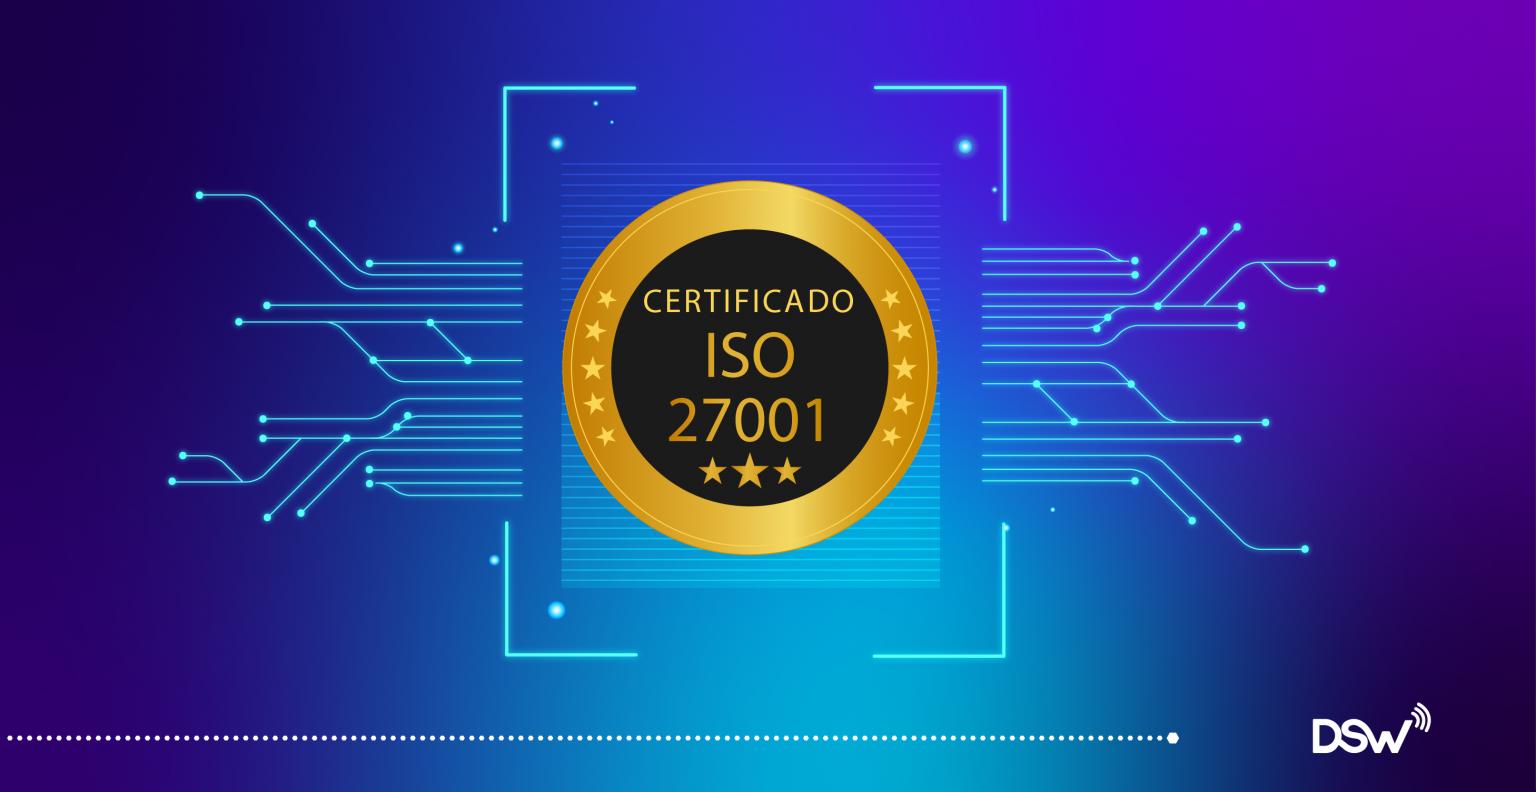 Certificación ISO 27001